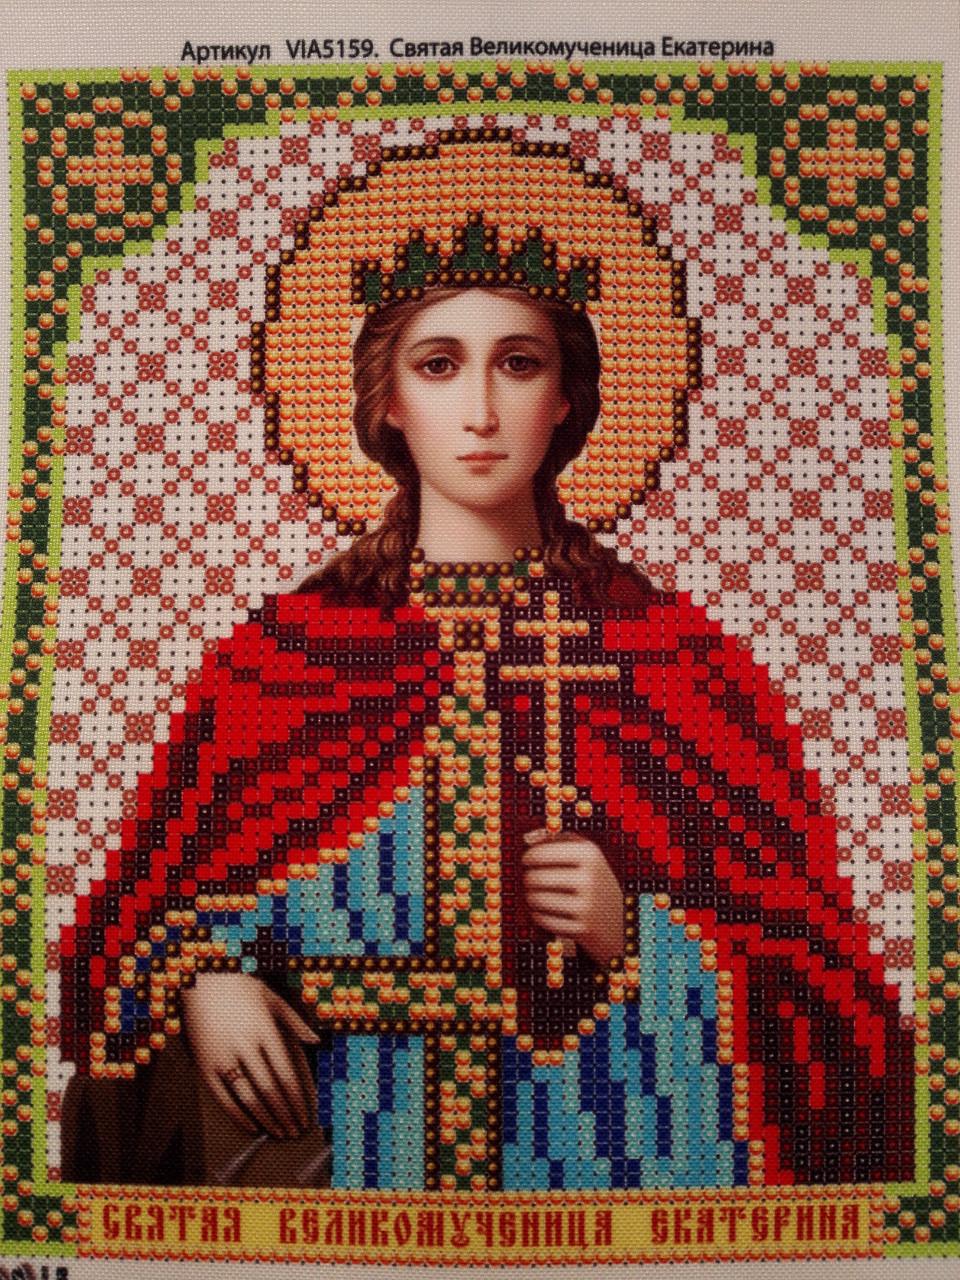 Набор для вышивки бисером икона Святая Великомученица Екатерина VIA 5159